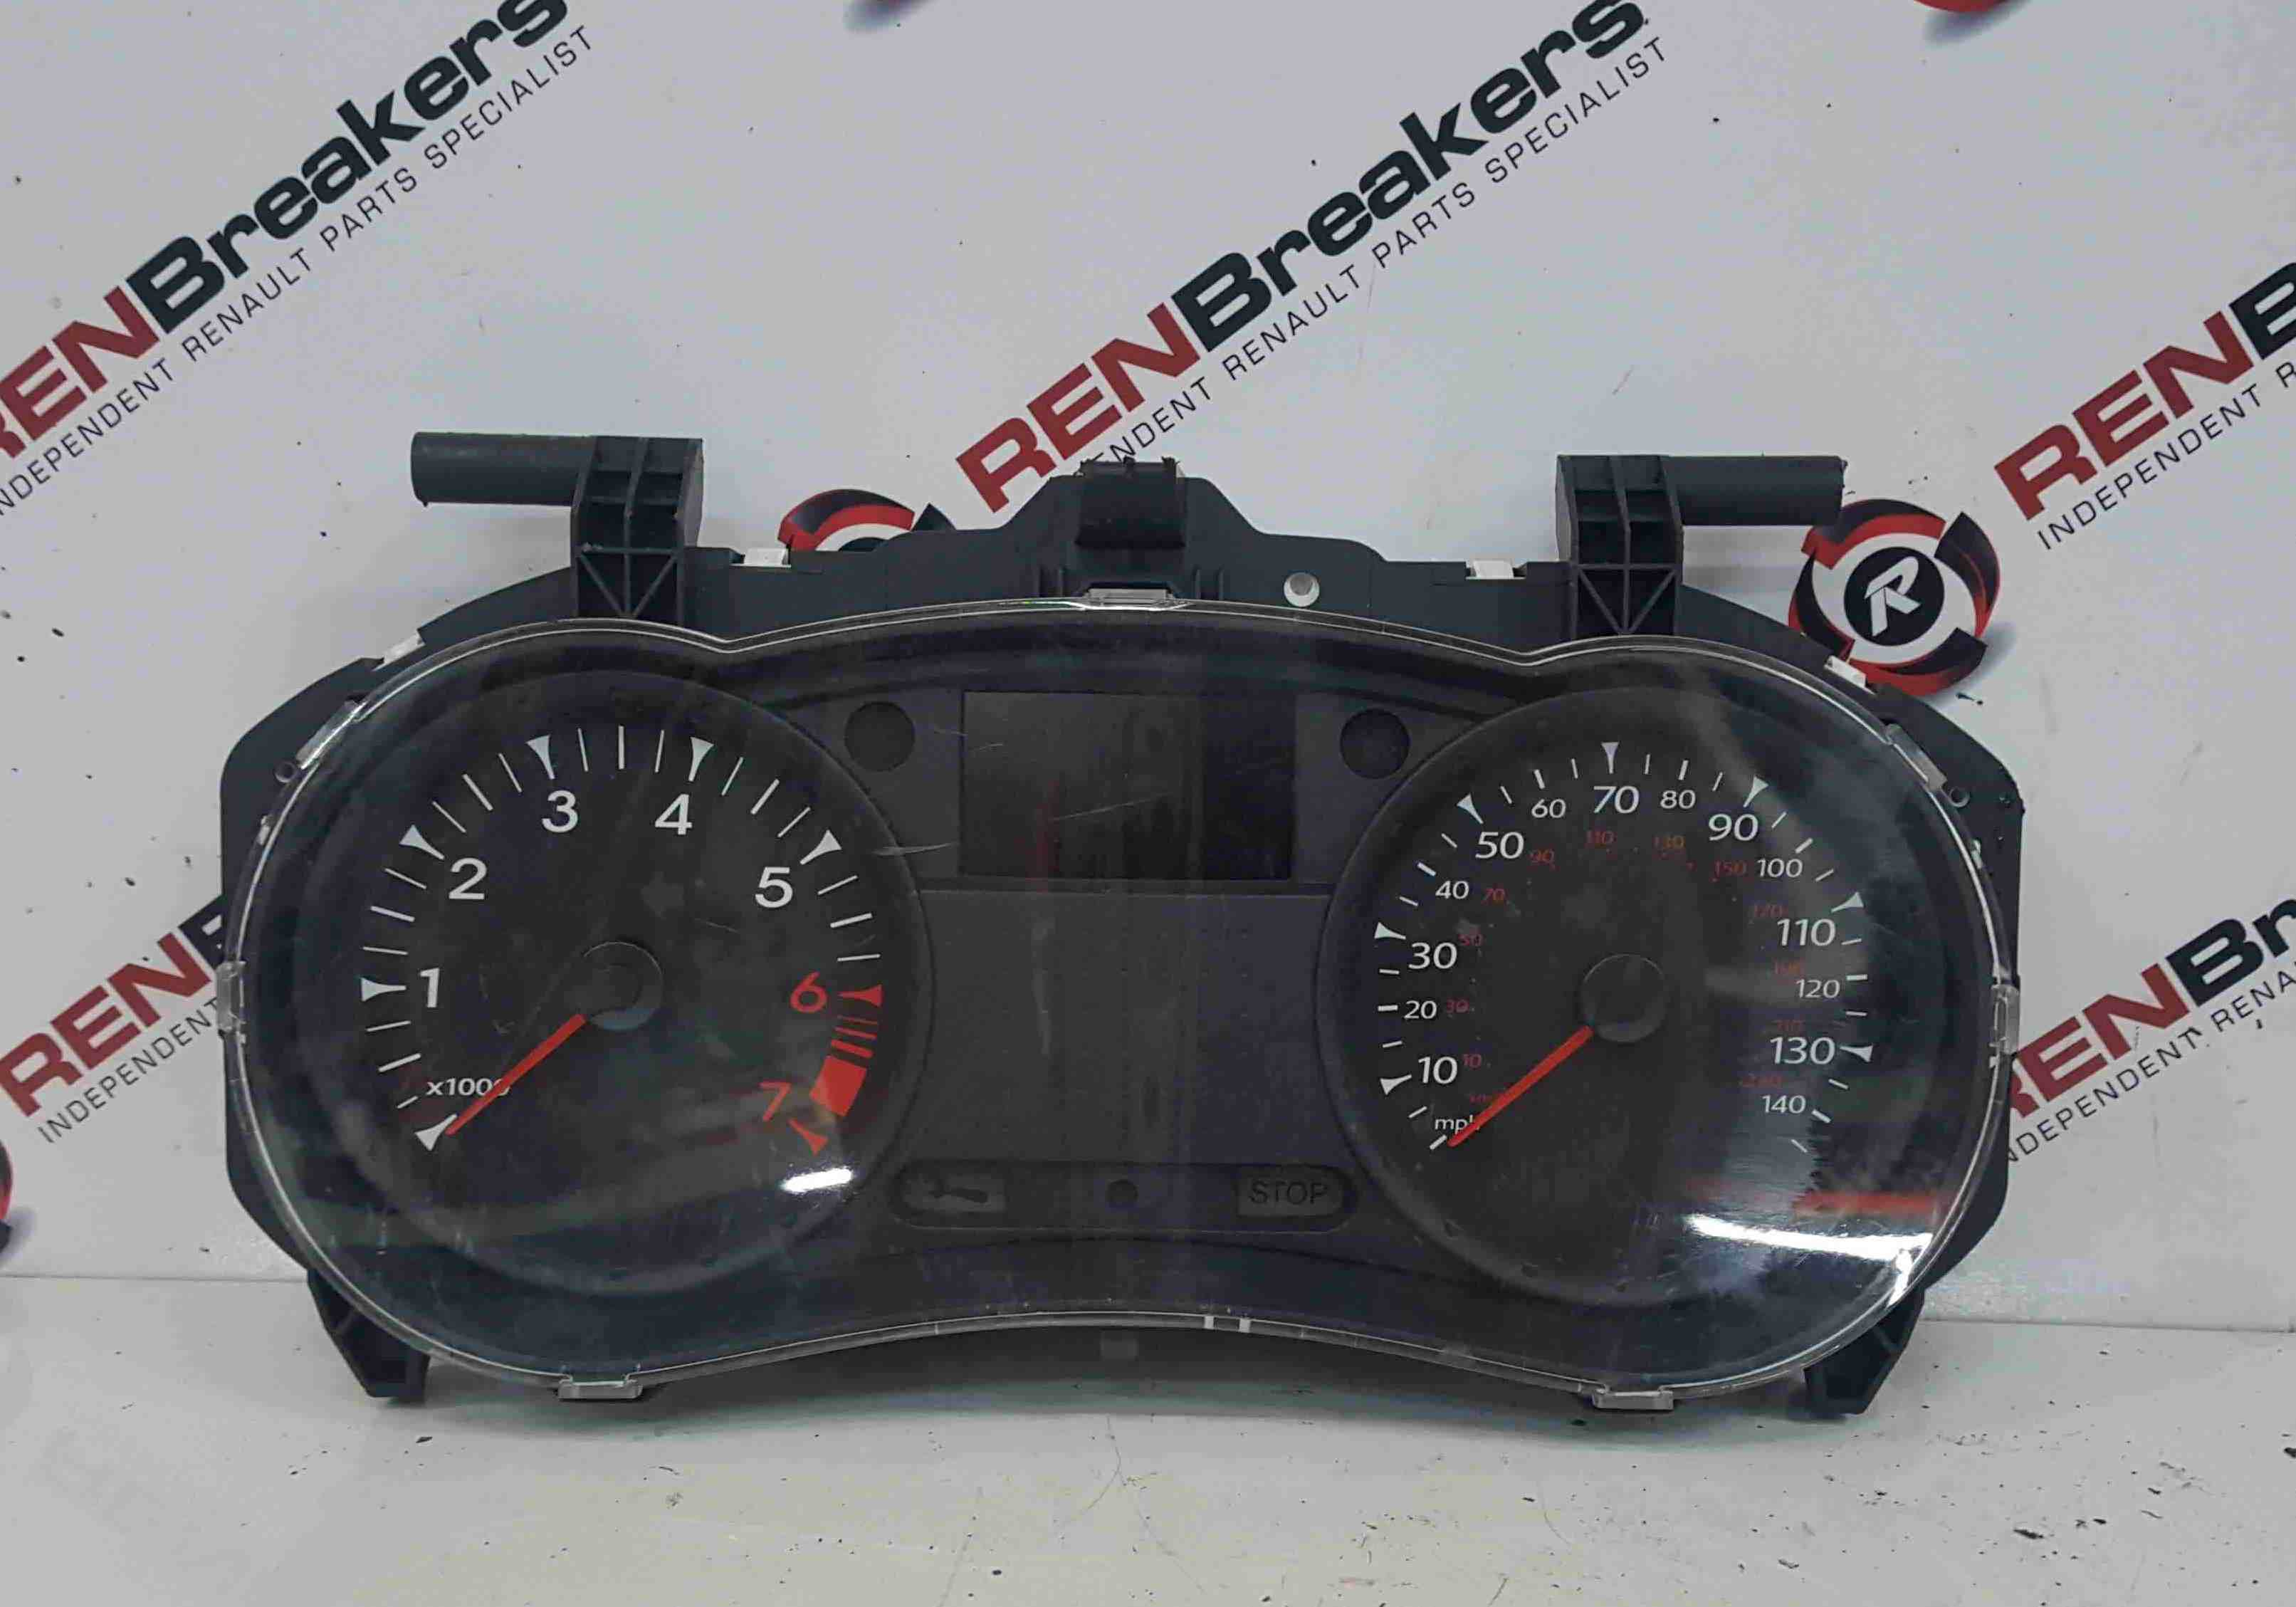 Renault Clio MK3 2009-2012 Instrument Panel Dials Gauges Clocks 8201060288